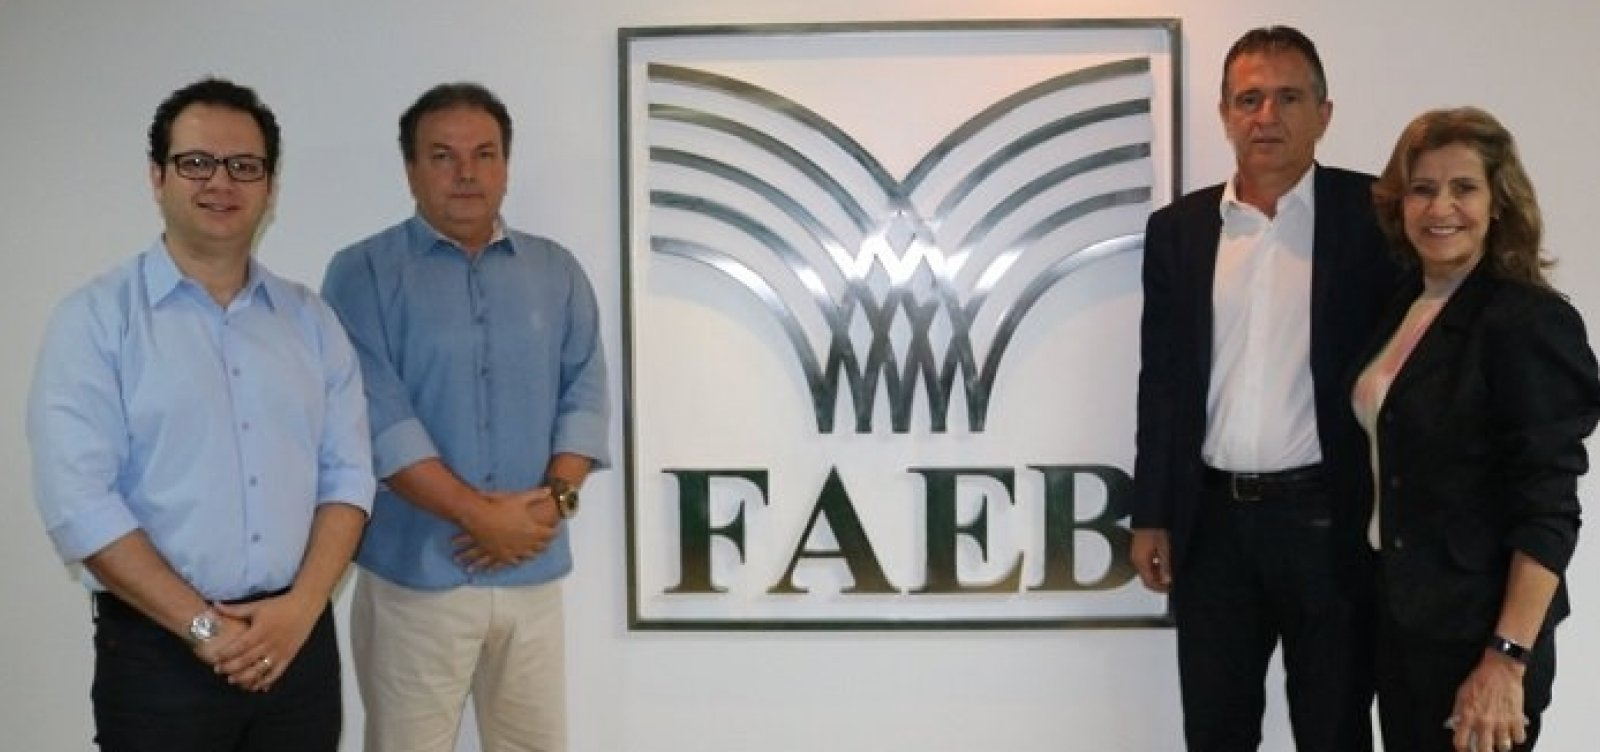 Com 98% dos votos, nova diretoria da Faeb é eleita